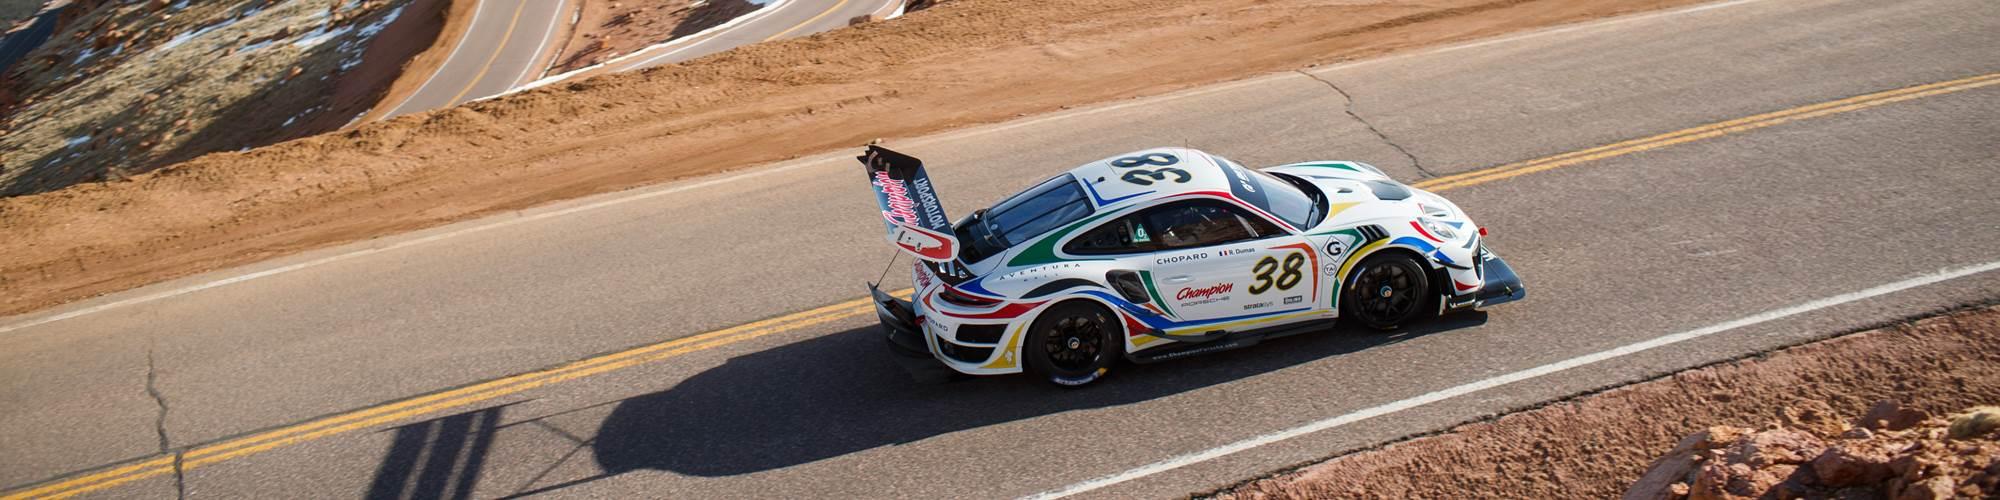 赛车冠军赛车由Stratasys公司的3D打印复合空气动力组件建造